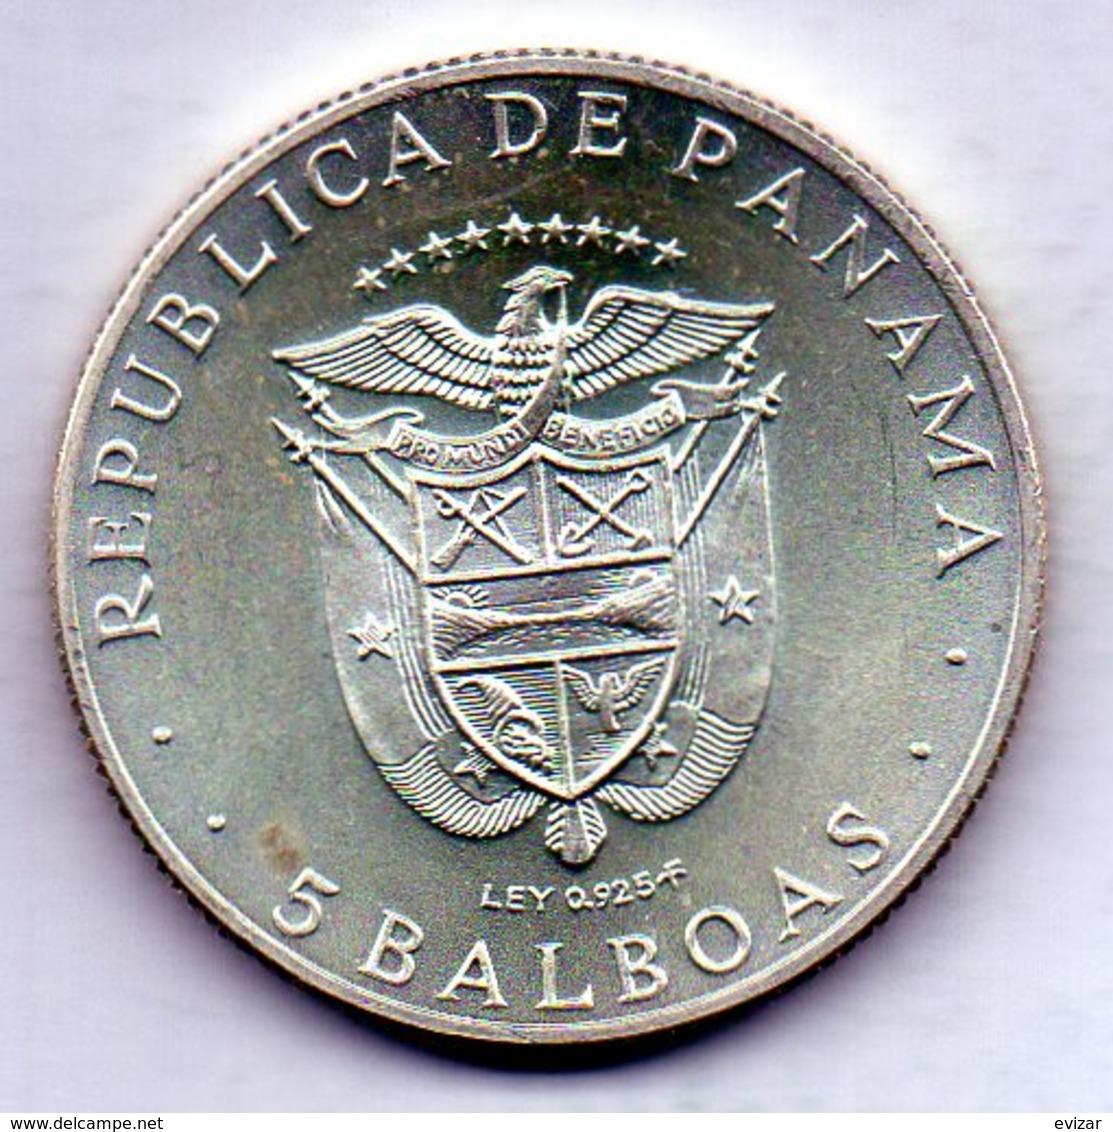 PANAMA, 5 Balboas, Silver, Year 1970, KM #28 - Panama